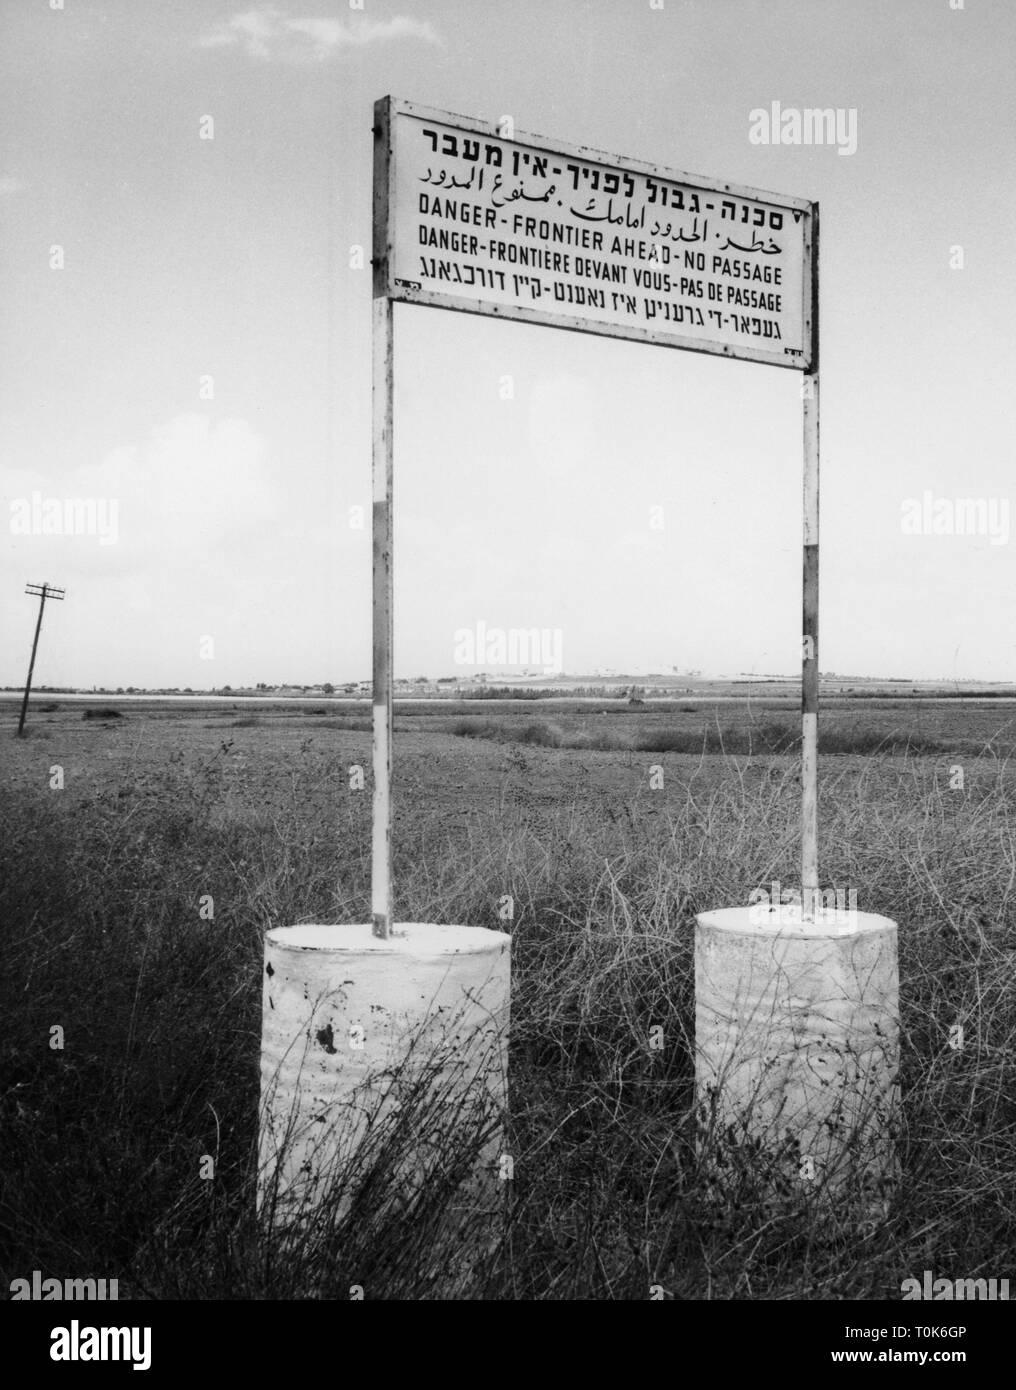 Geographie/Reisen, Palästina, Gazastreifen, Grenze, Zeichen, Juni 1962, Additional-Rights - Clearance-Info - Not-Available Stockbild